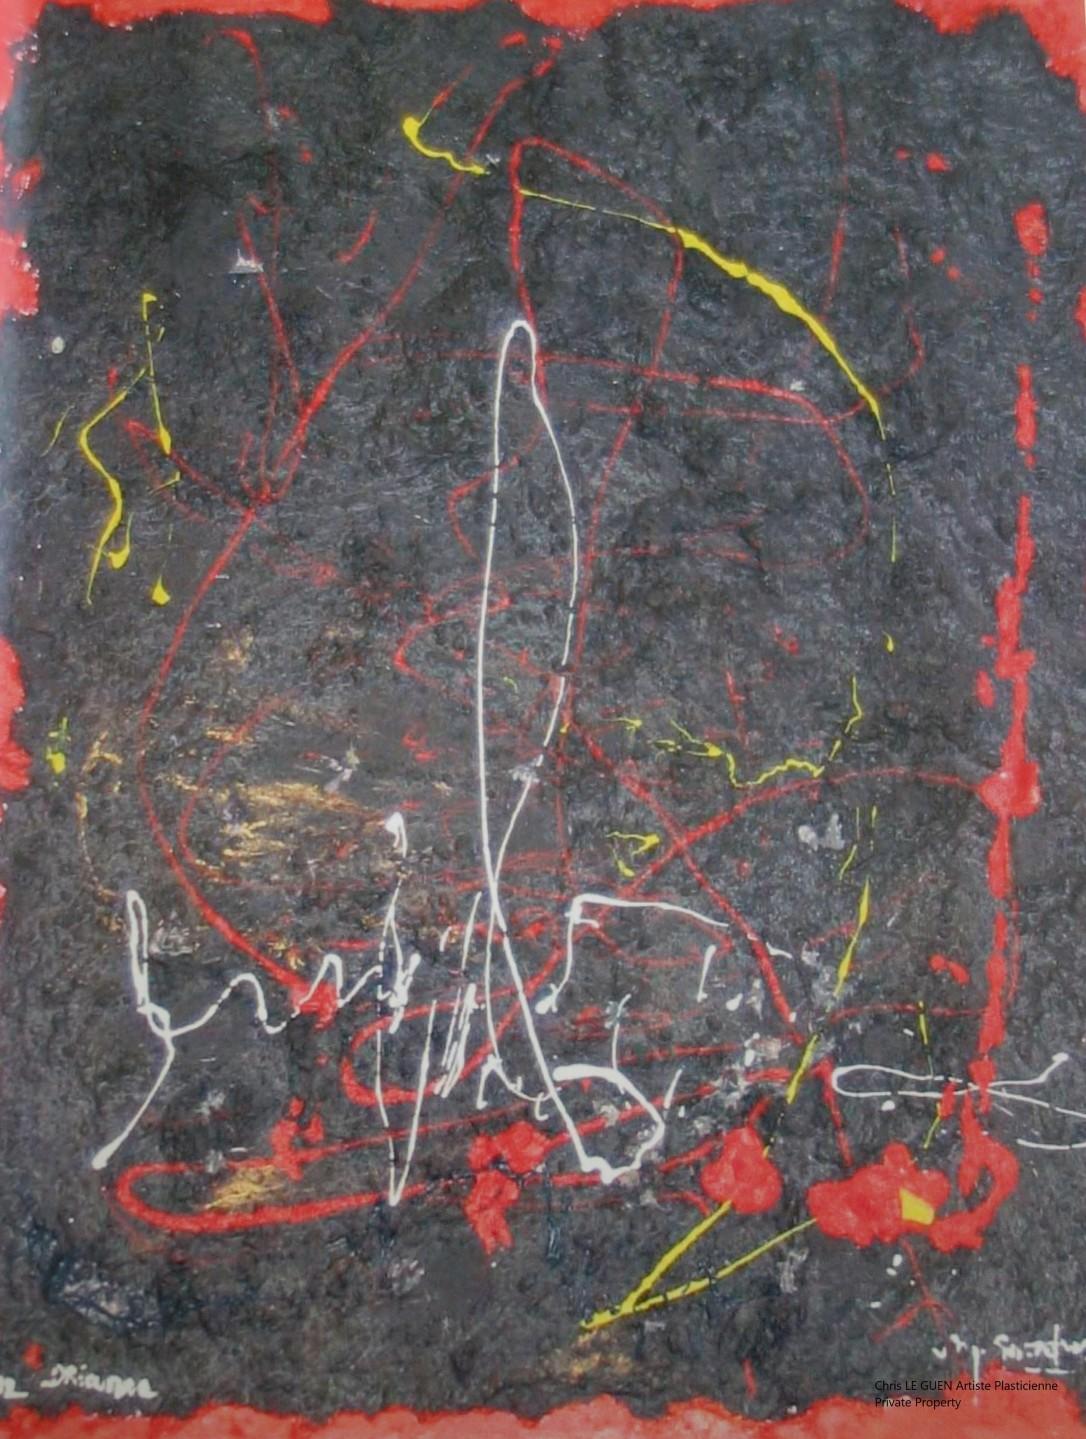 Chris Le Guen Artiste Plasticienne Peintre et Sculptrice peint N°6